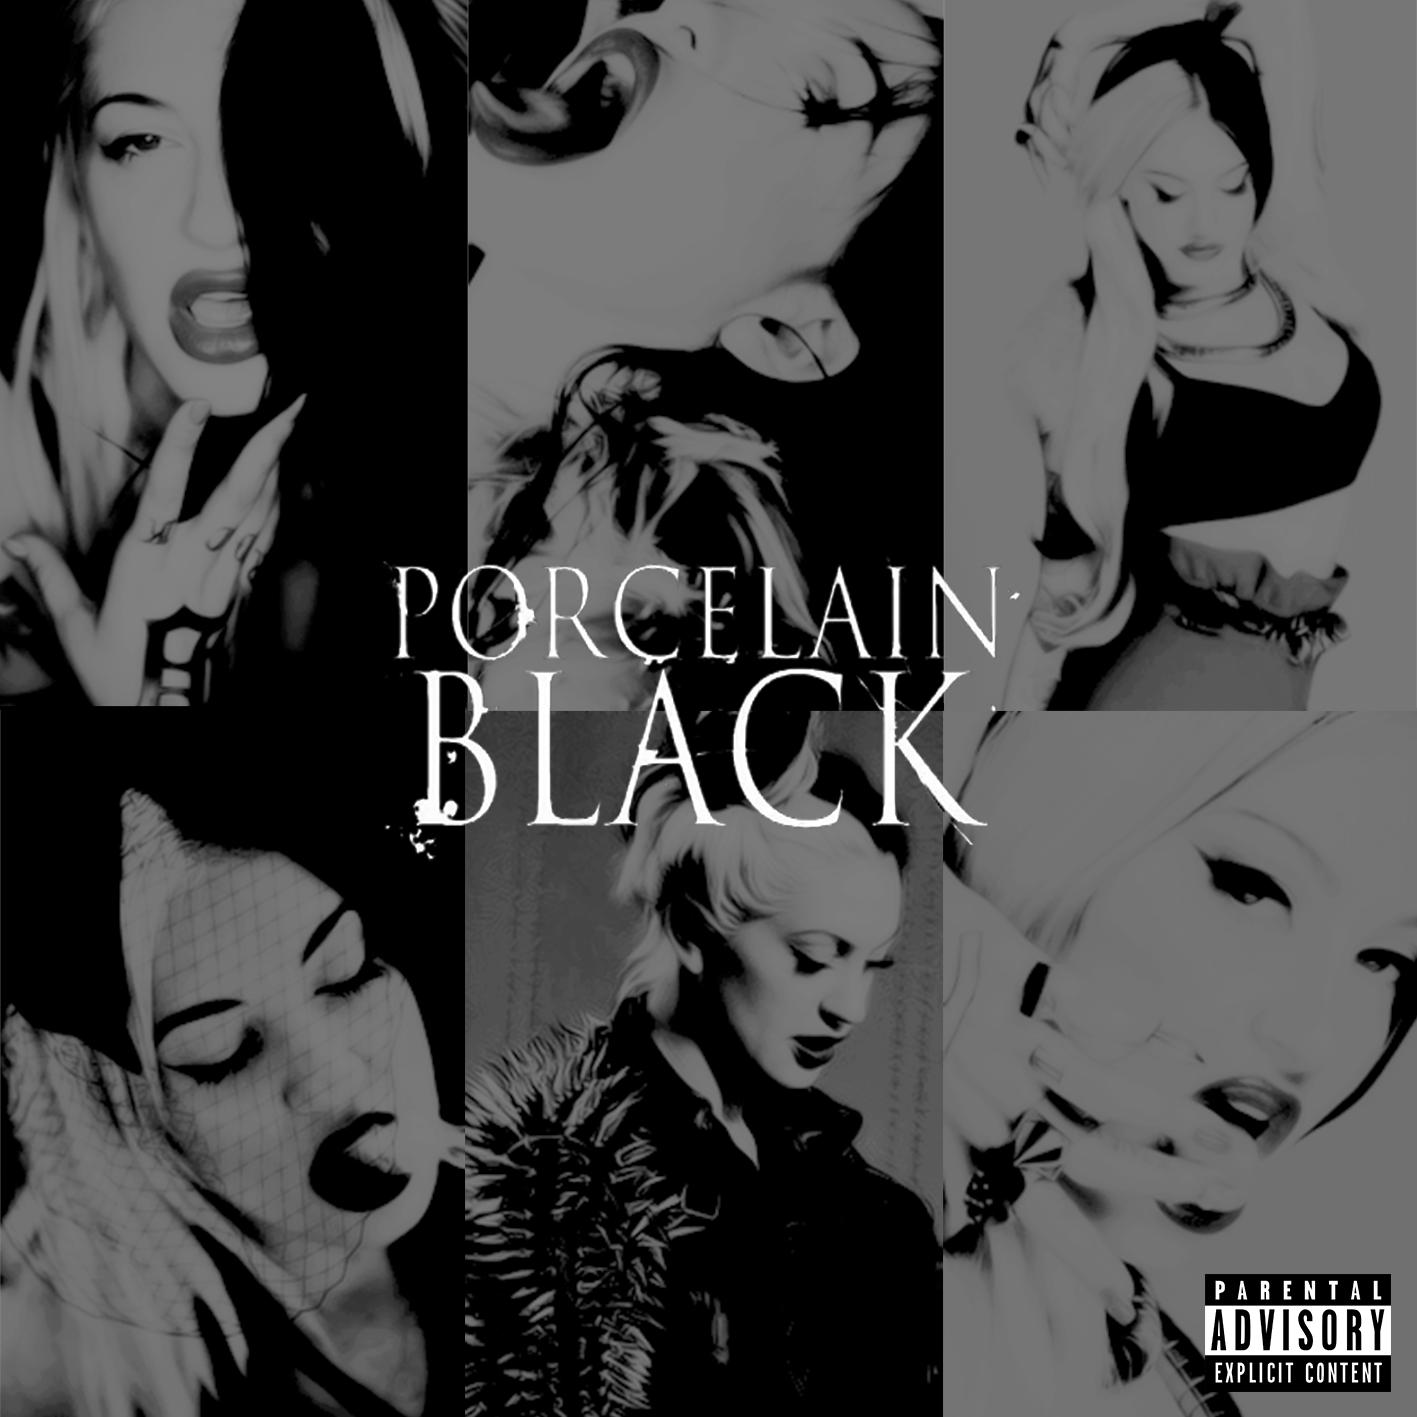 porcelain-black-self-titled.png